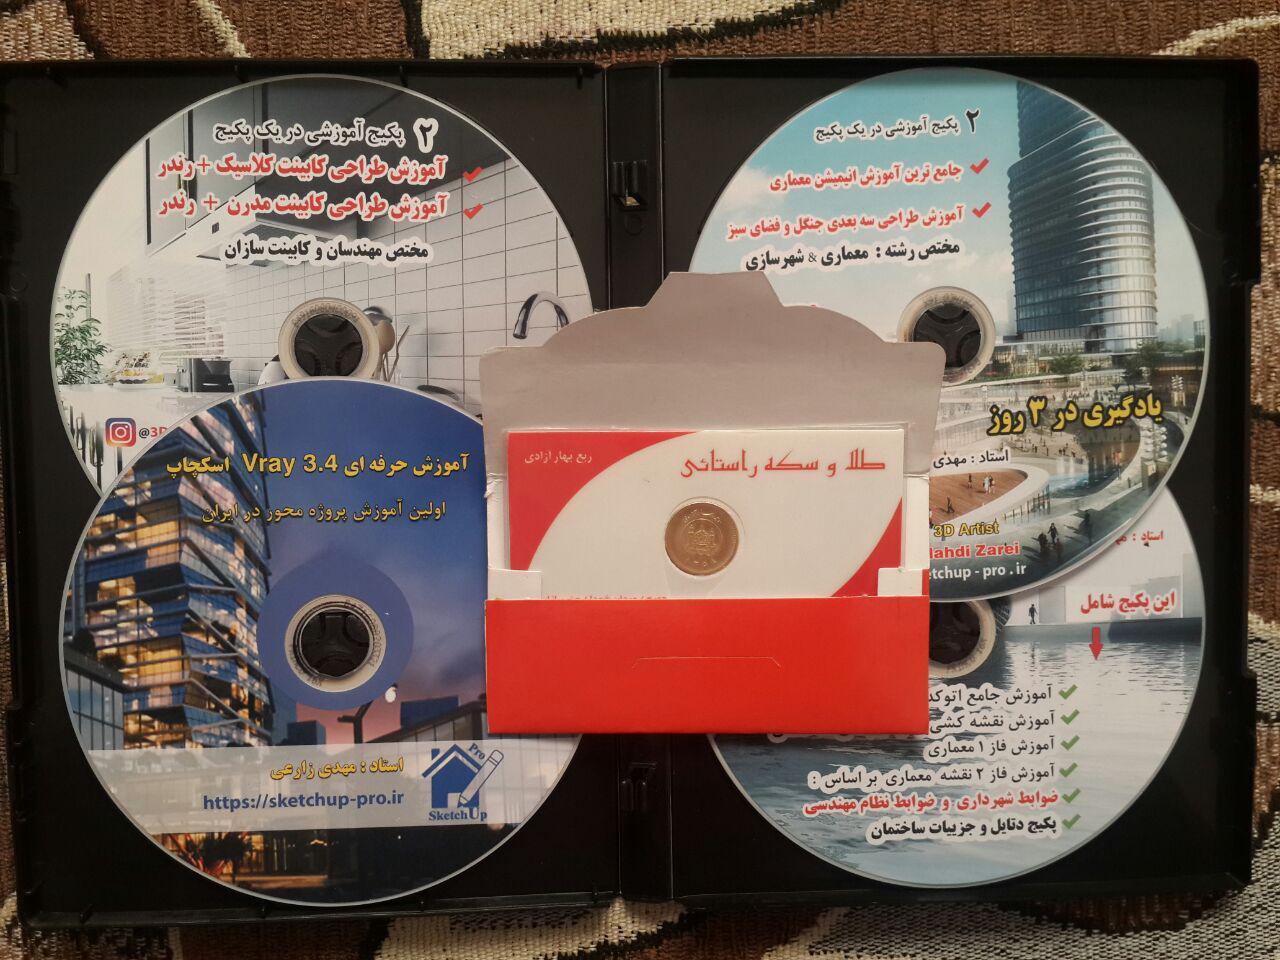 4 ربع سکه بهار آزادی جایزه چهار نفر از خریداران امروز پکیج جامع